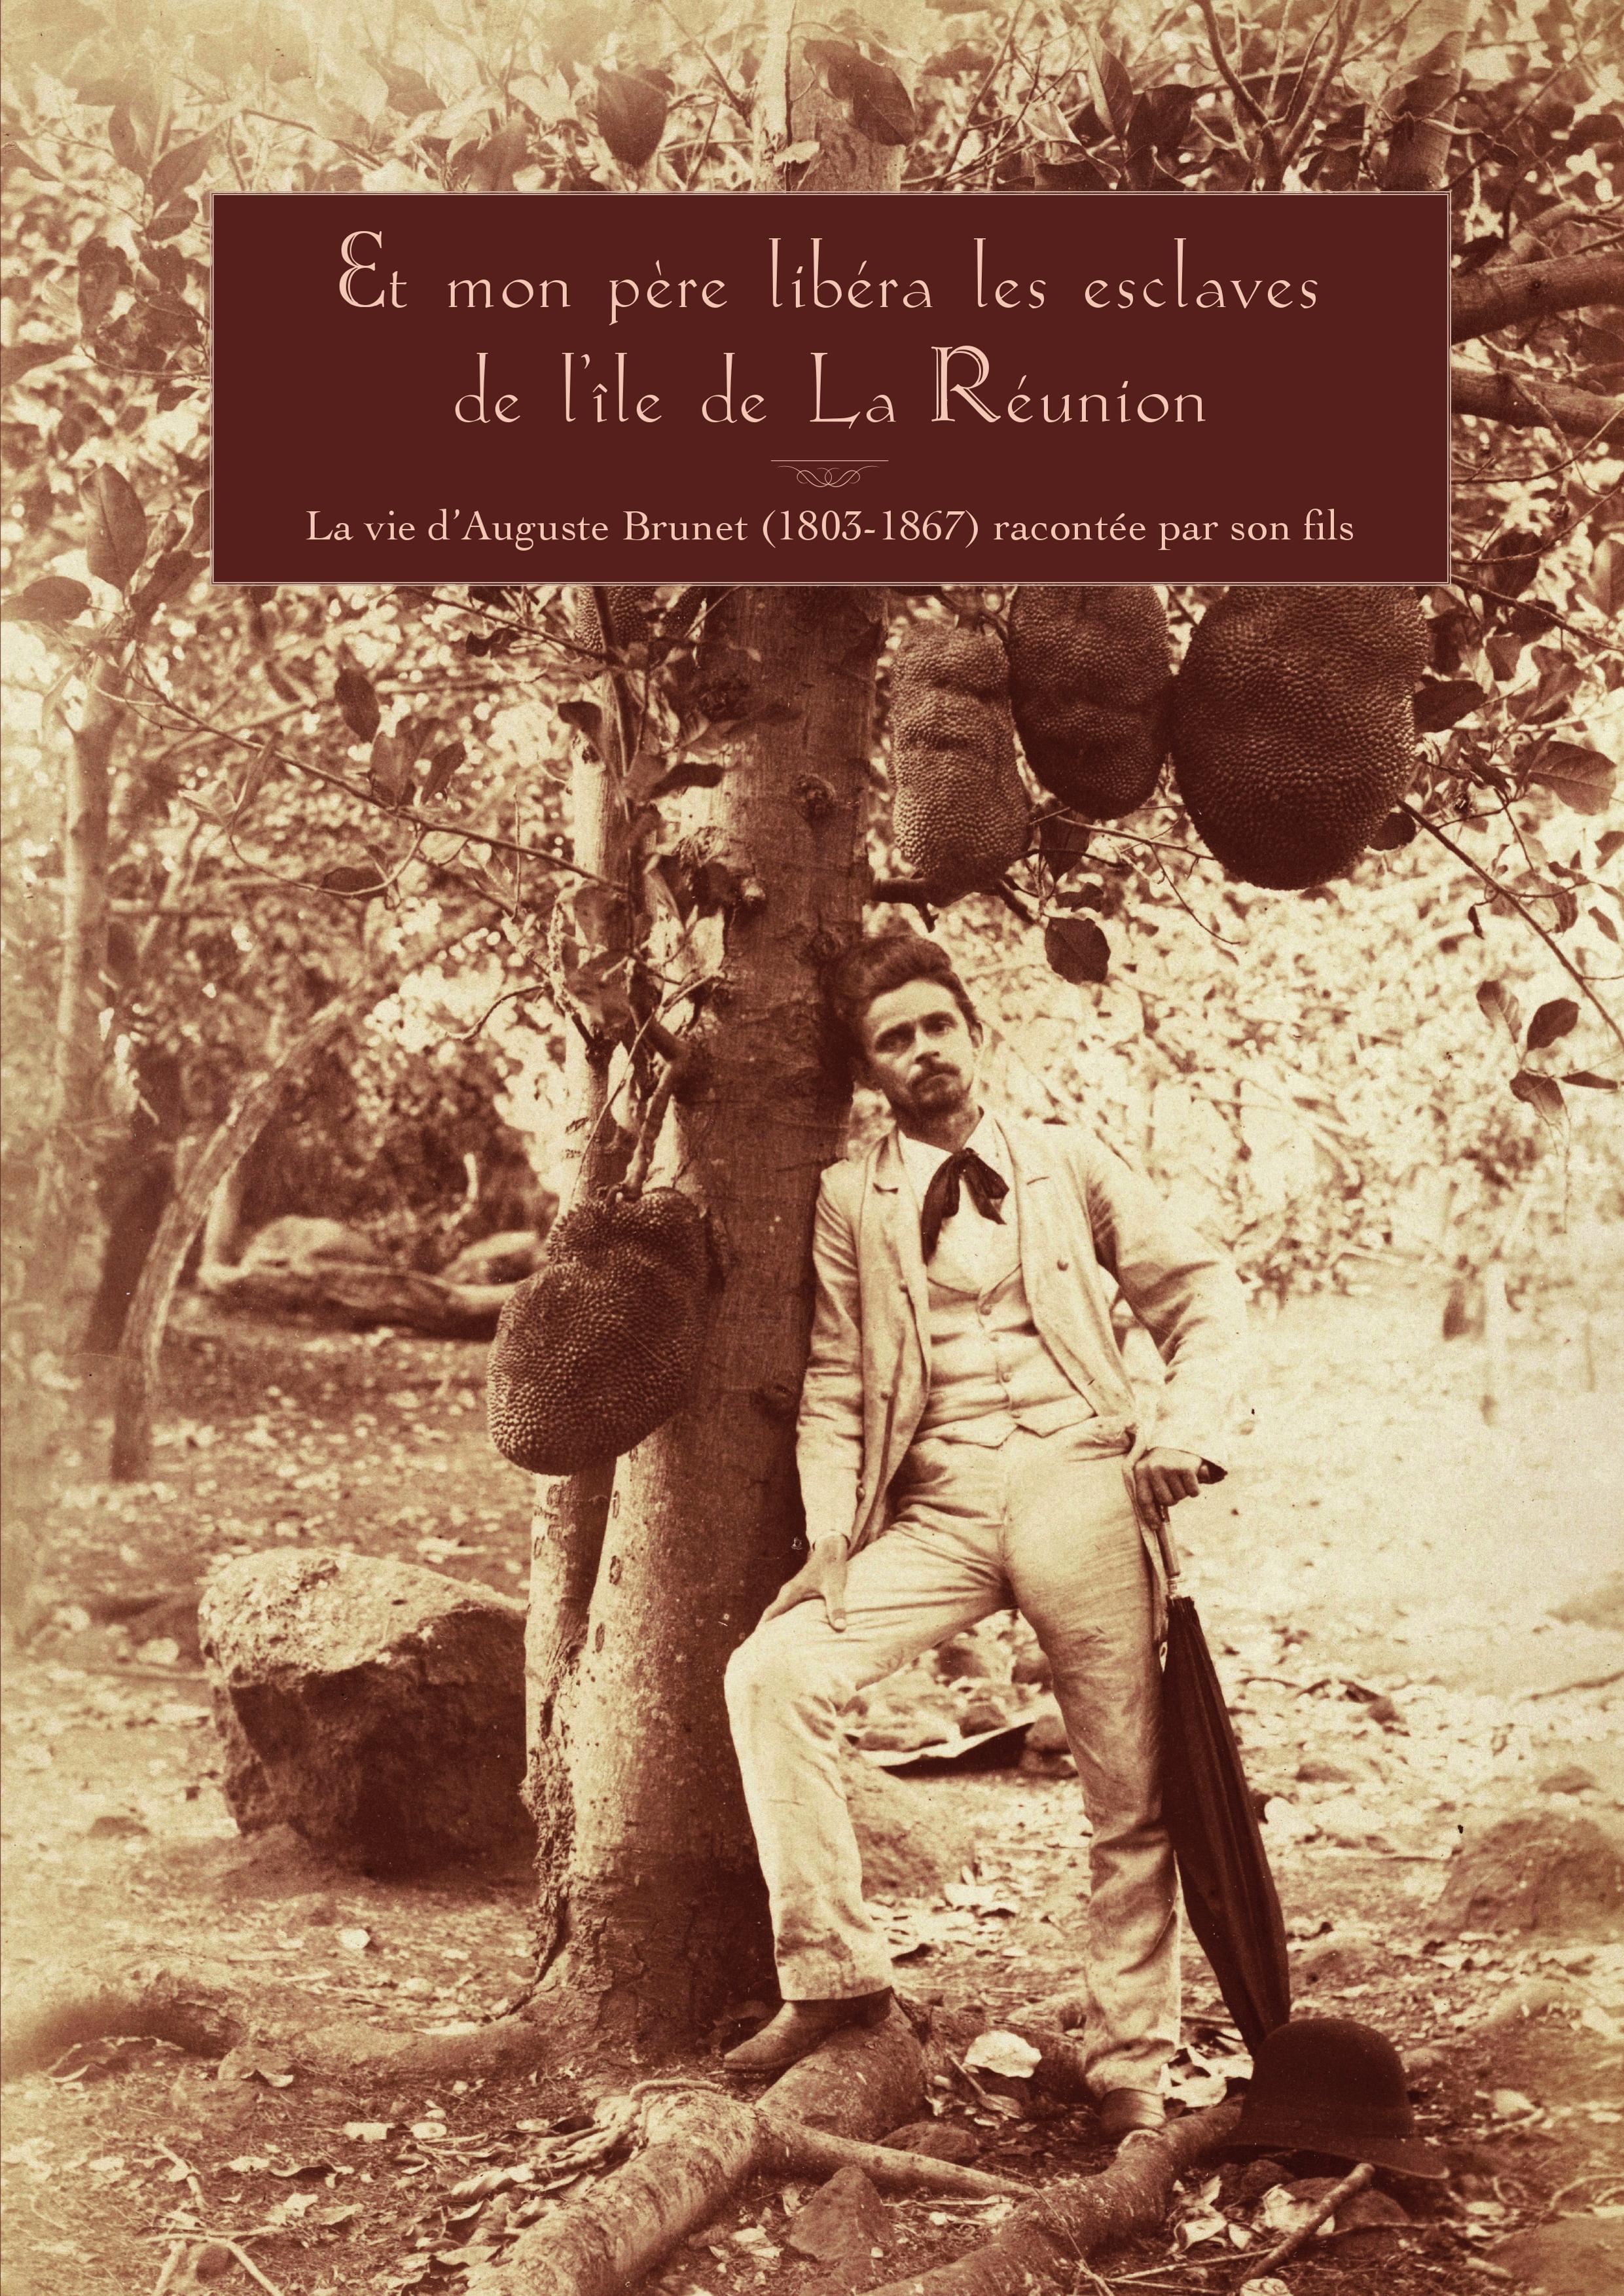 Abolition de l'esclavage à la Réunion